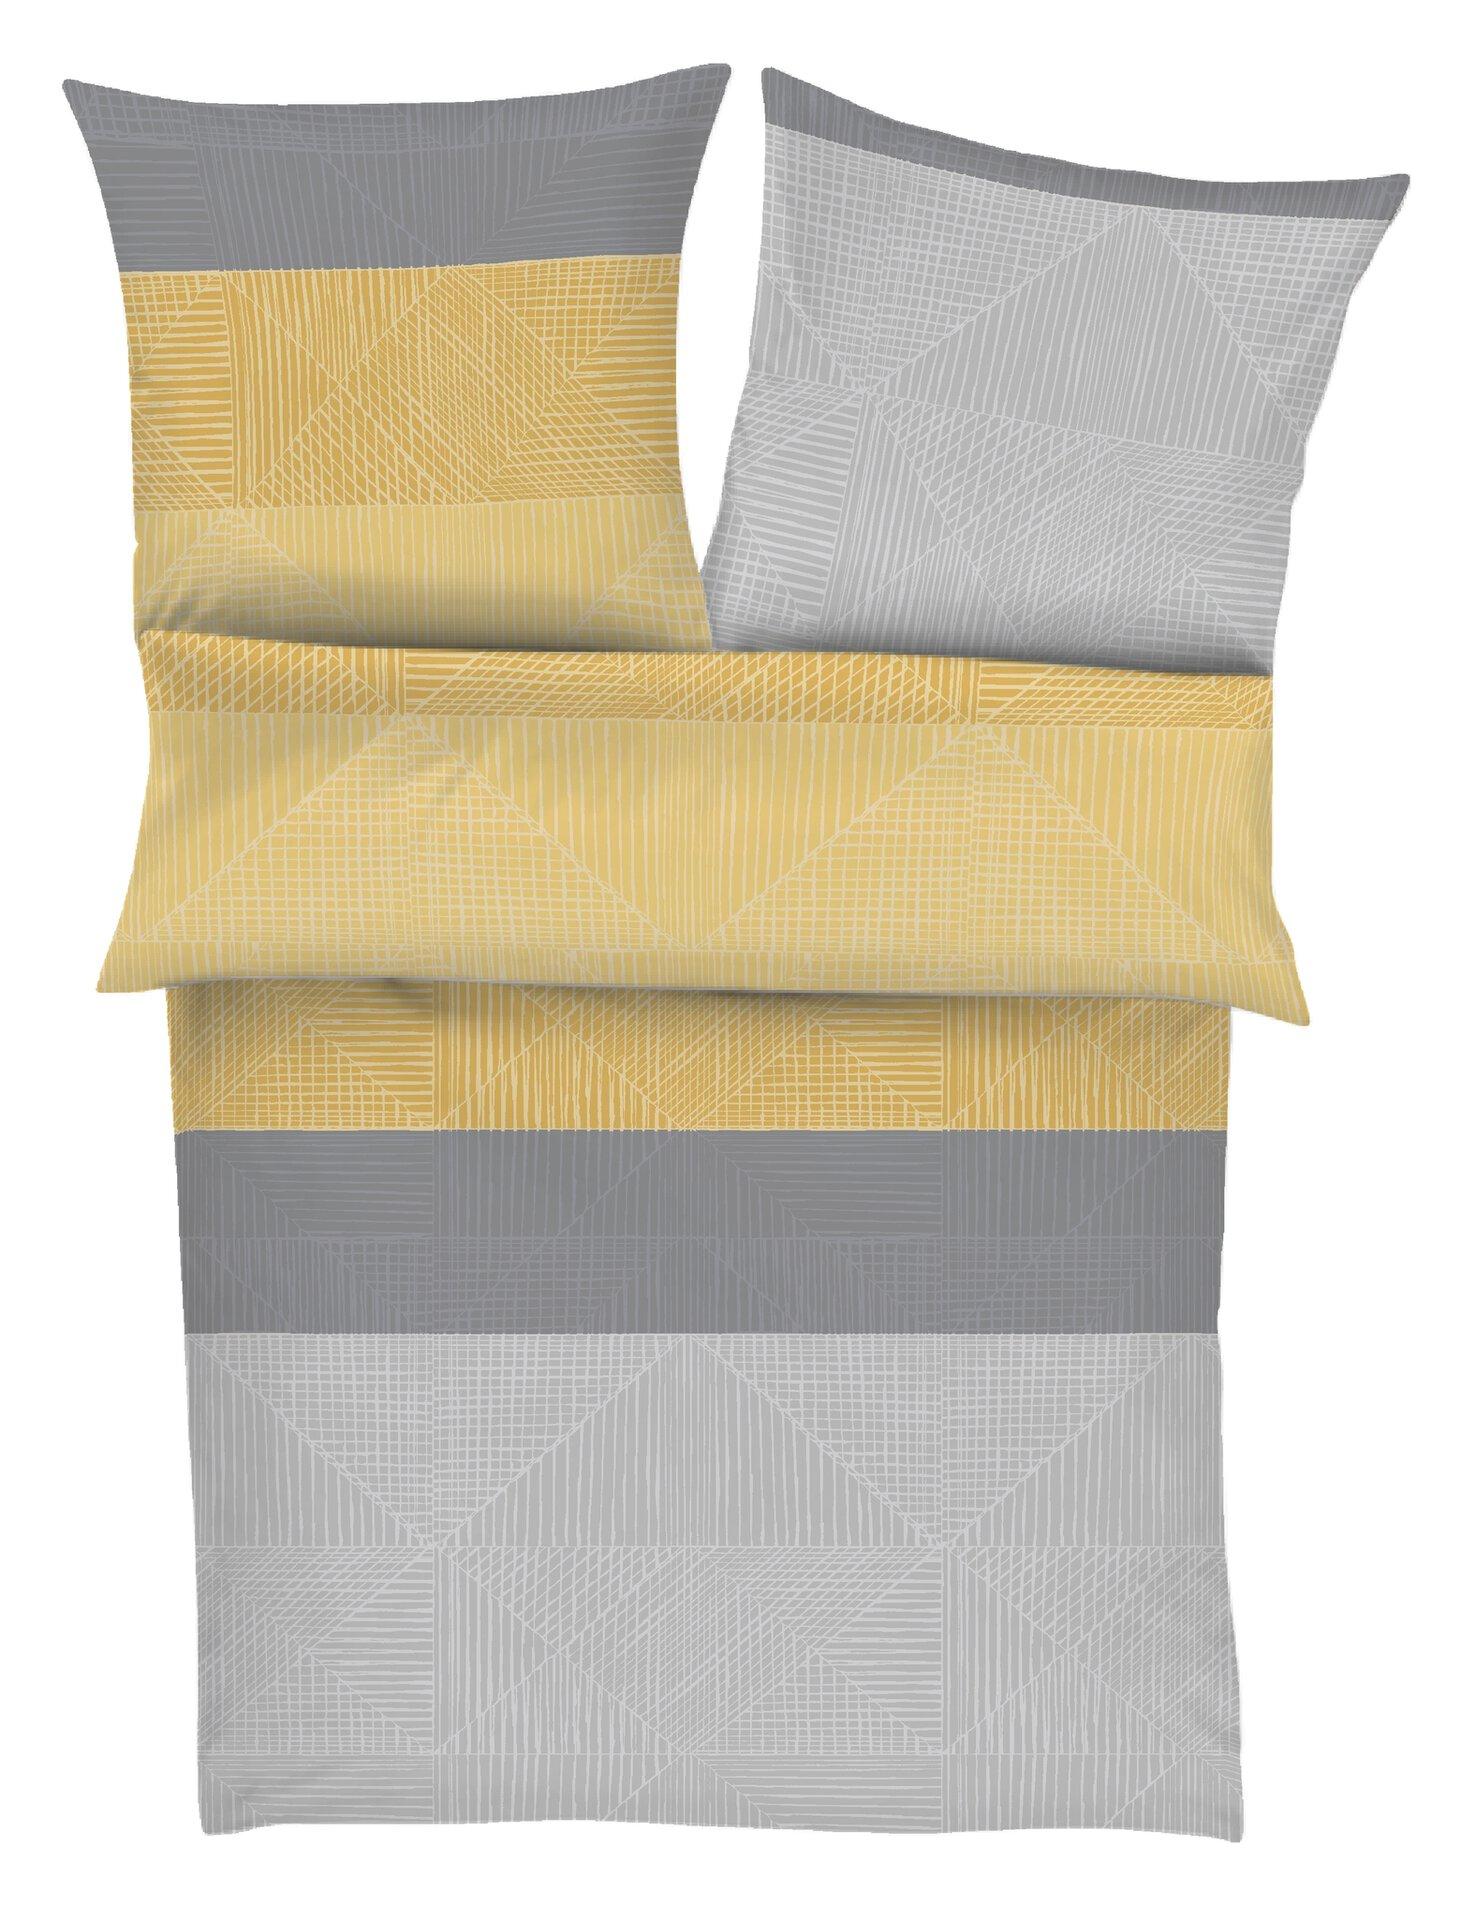 Satin-Bettwäsche bugatti Textil gelb 135 x 200 cm